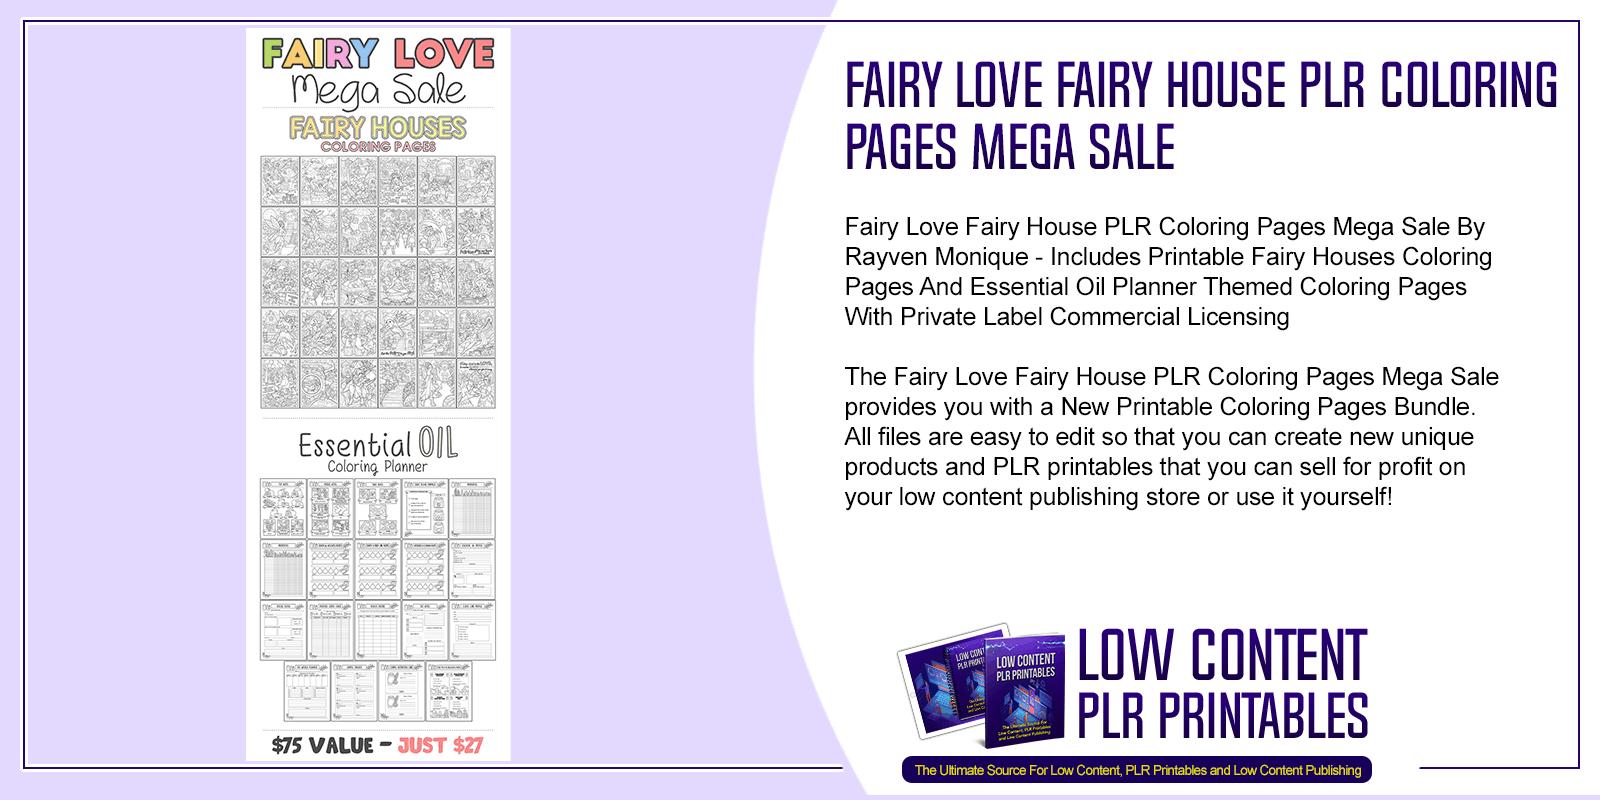 Fairy Love Fairy House PLR Coloring Pages Mega Sale